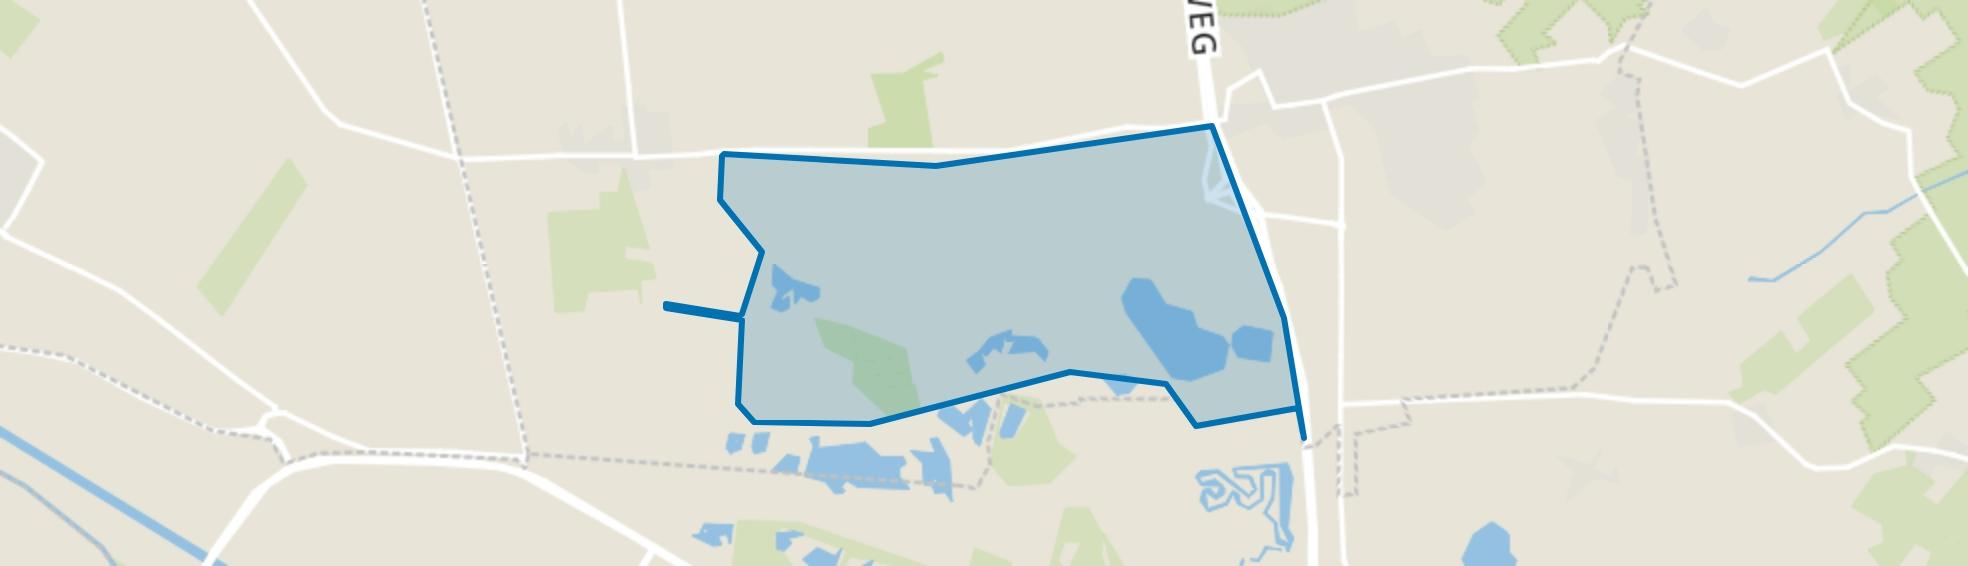 De Plakken, Loon op Zand map